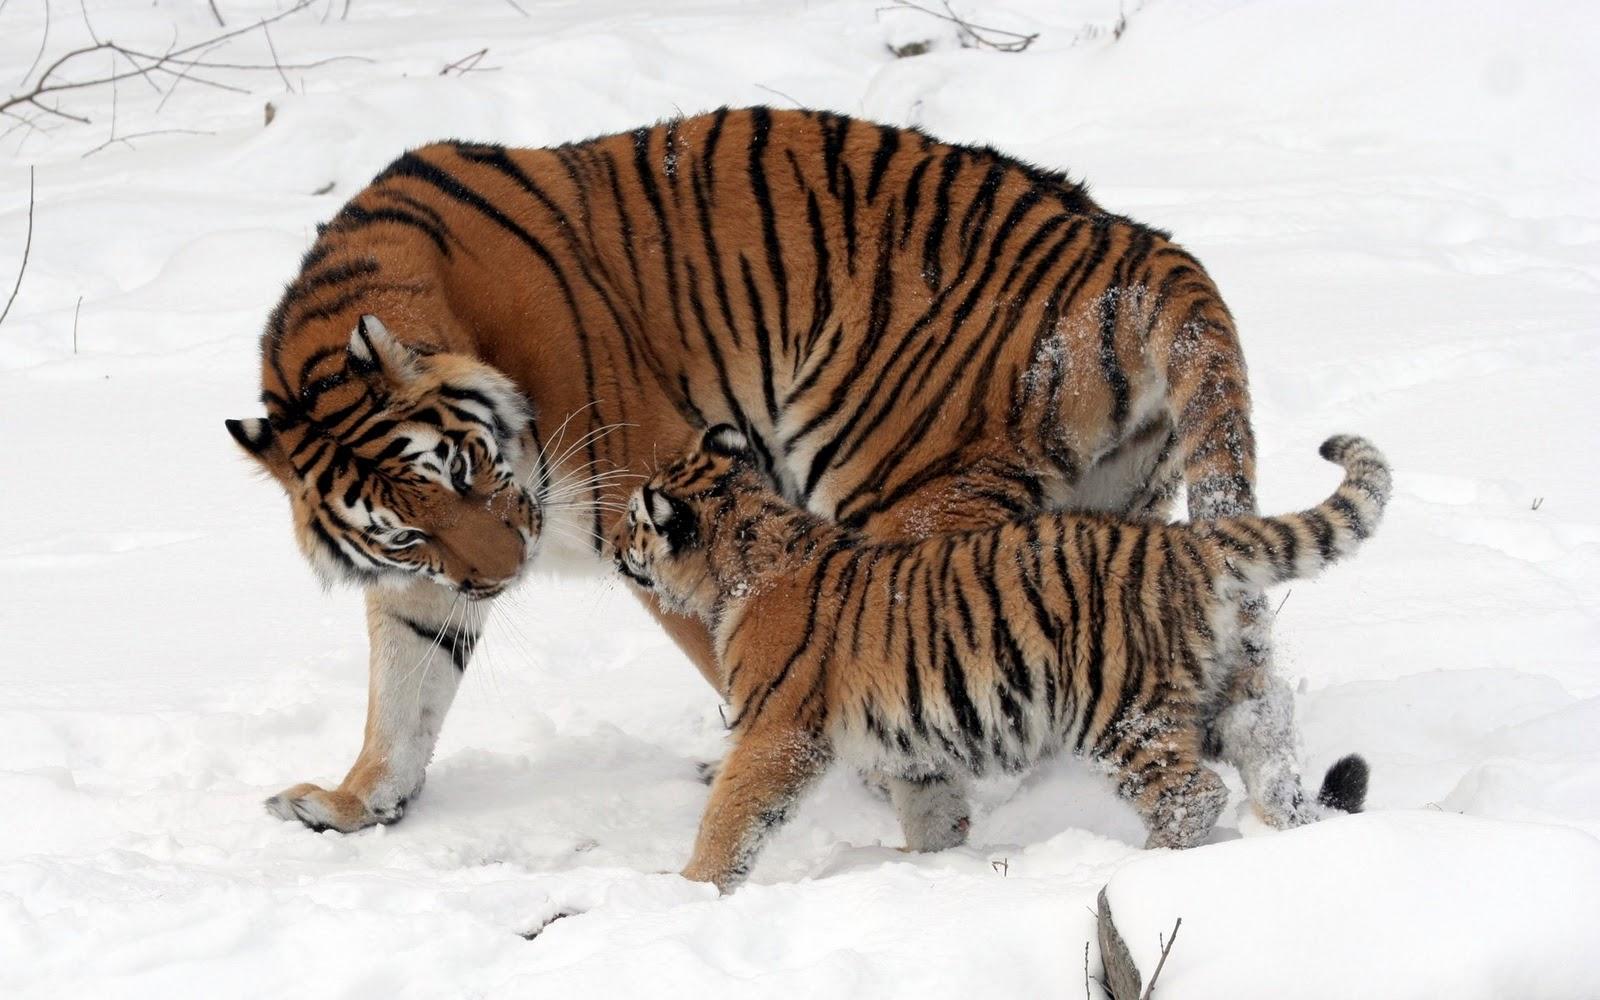 foto macan putih - gambar hewan